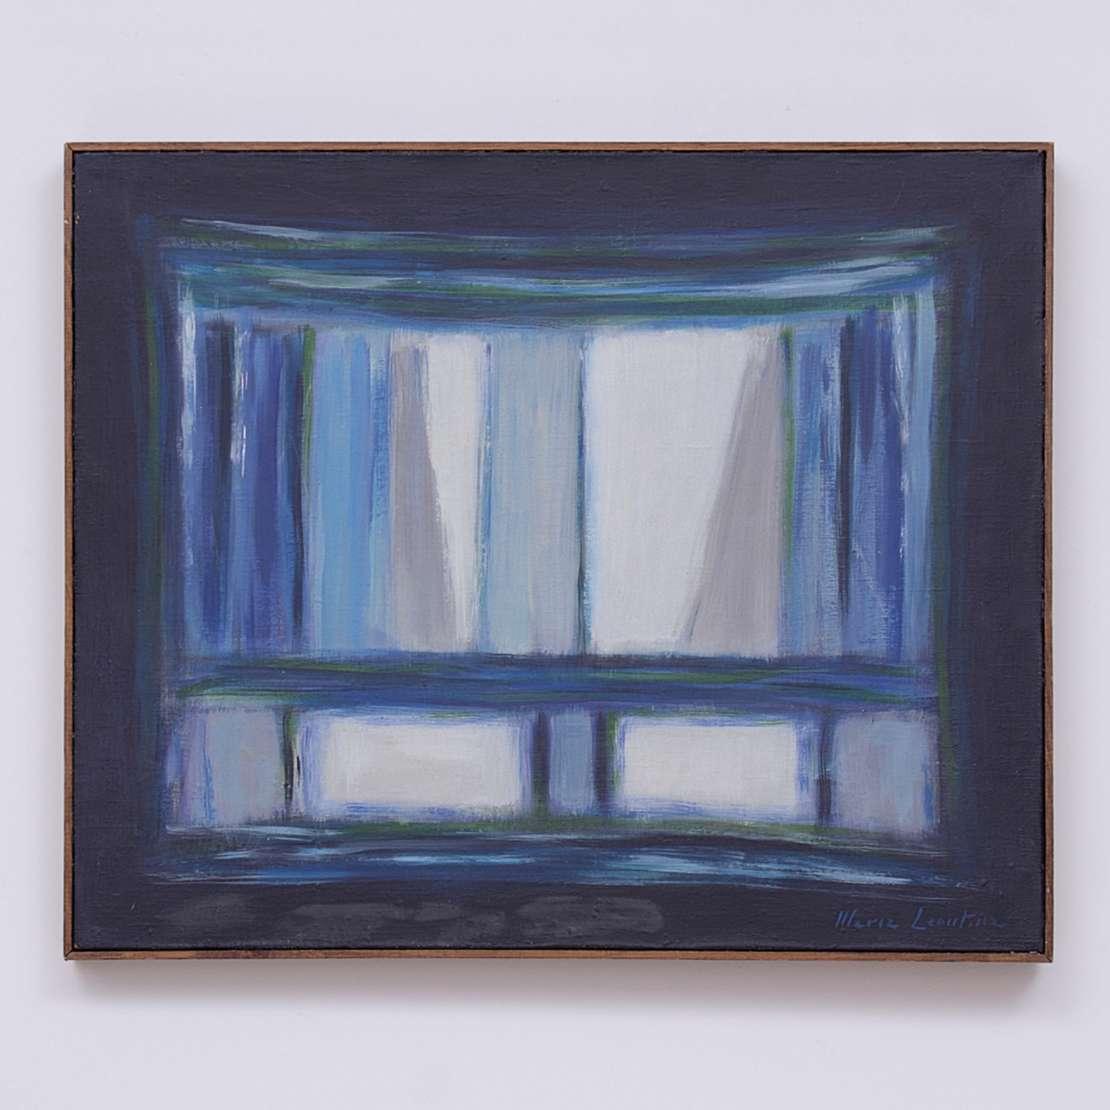 Maria Leontina (1917-1984), Sem Título, 1975 - Óleo s/ tela<br>Ass. inf. direito e verso<br>Participou da exposição individual da artista na Galeria Bergamin e Gomide em São Paulo em 2017